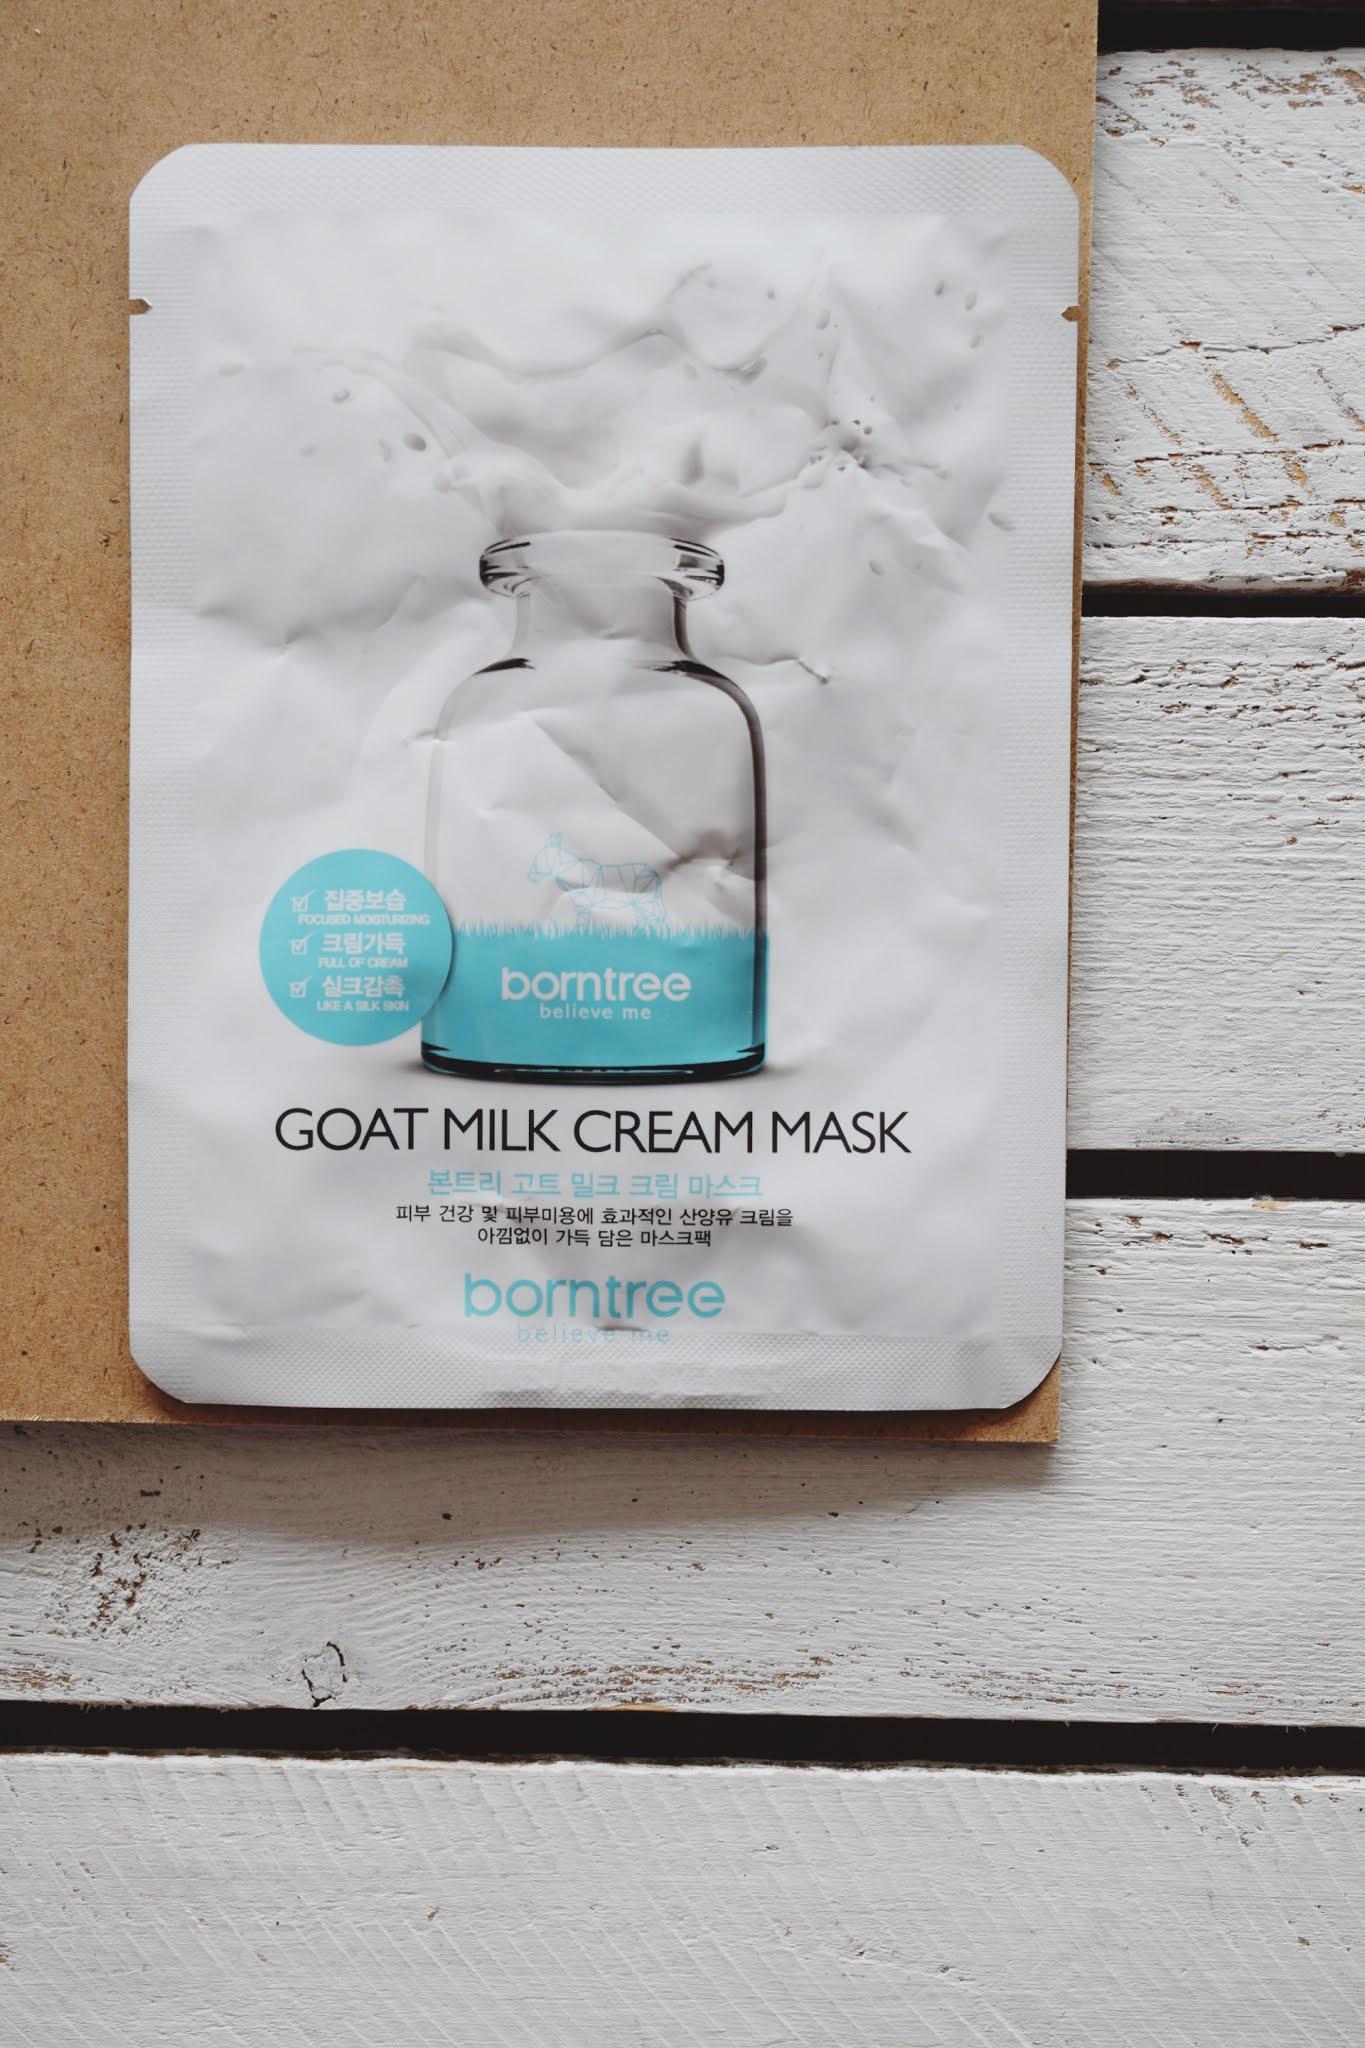 borntree, goat milk cream mask